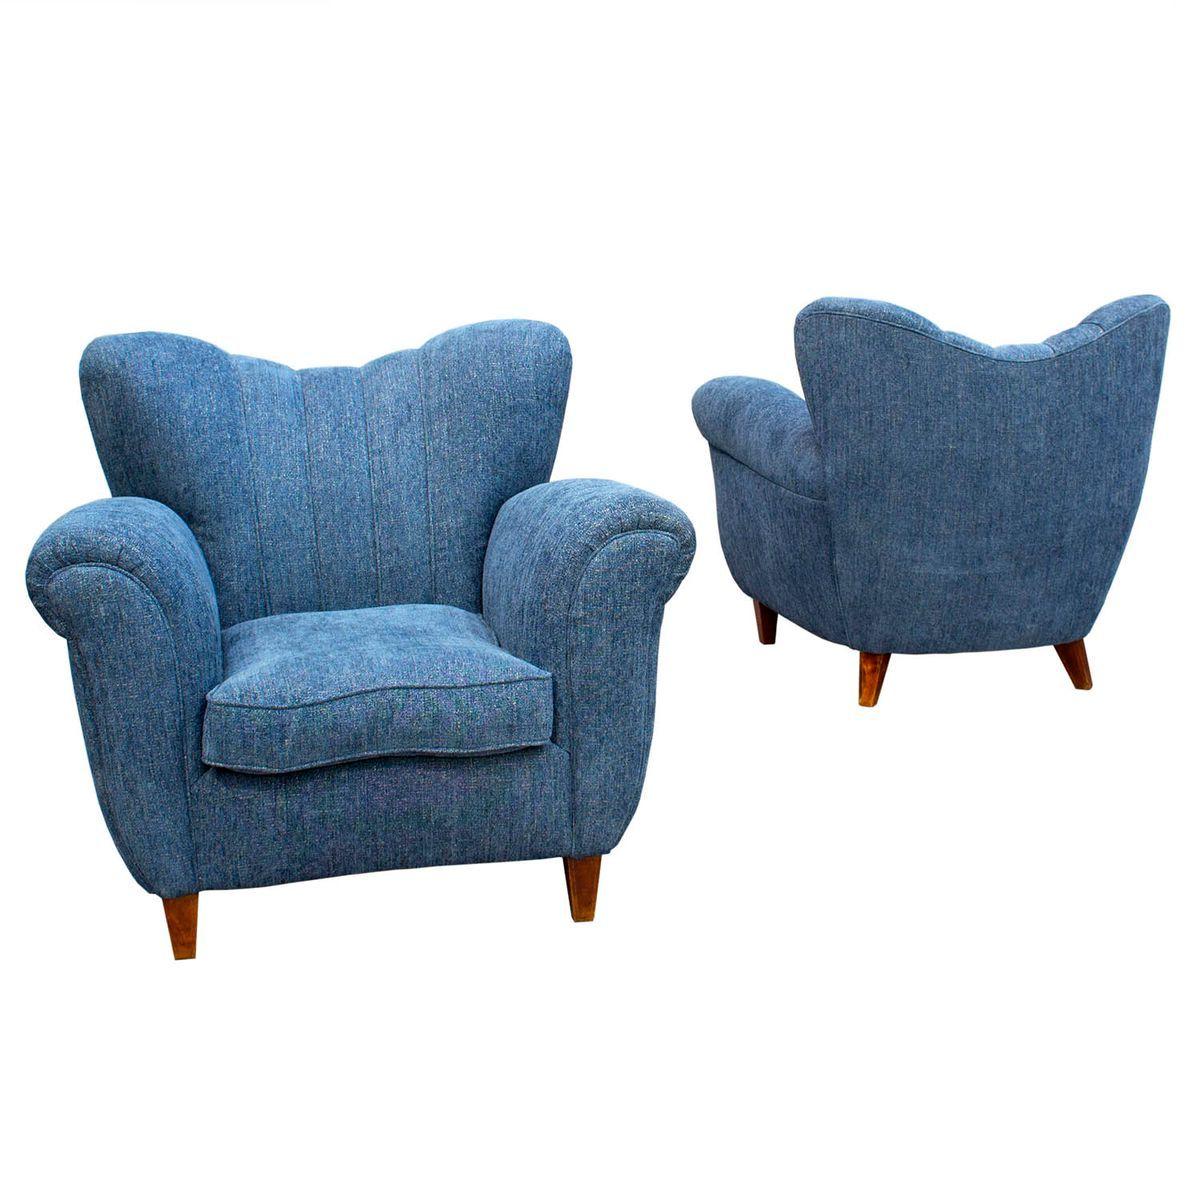 Mobel Martin Sessel Mit Aufstehhilfe Sessel Und Hocker Ohrensessel Sale Schlafsessel Copperfield Plus Couch Sessel Ausz Sessel Mobel Martin Ohrensessel